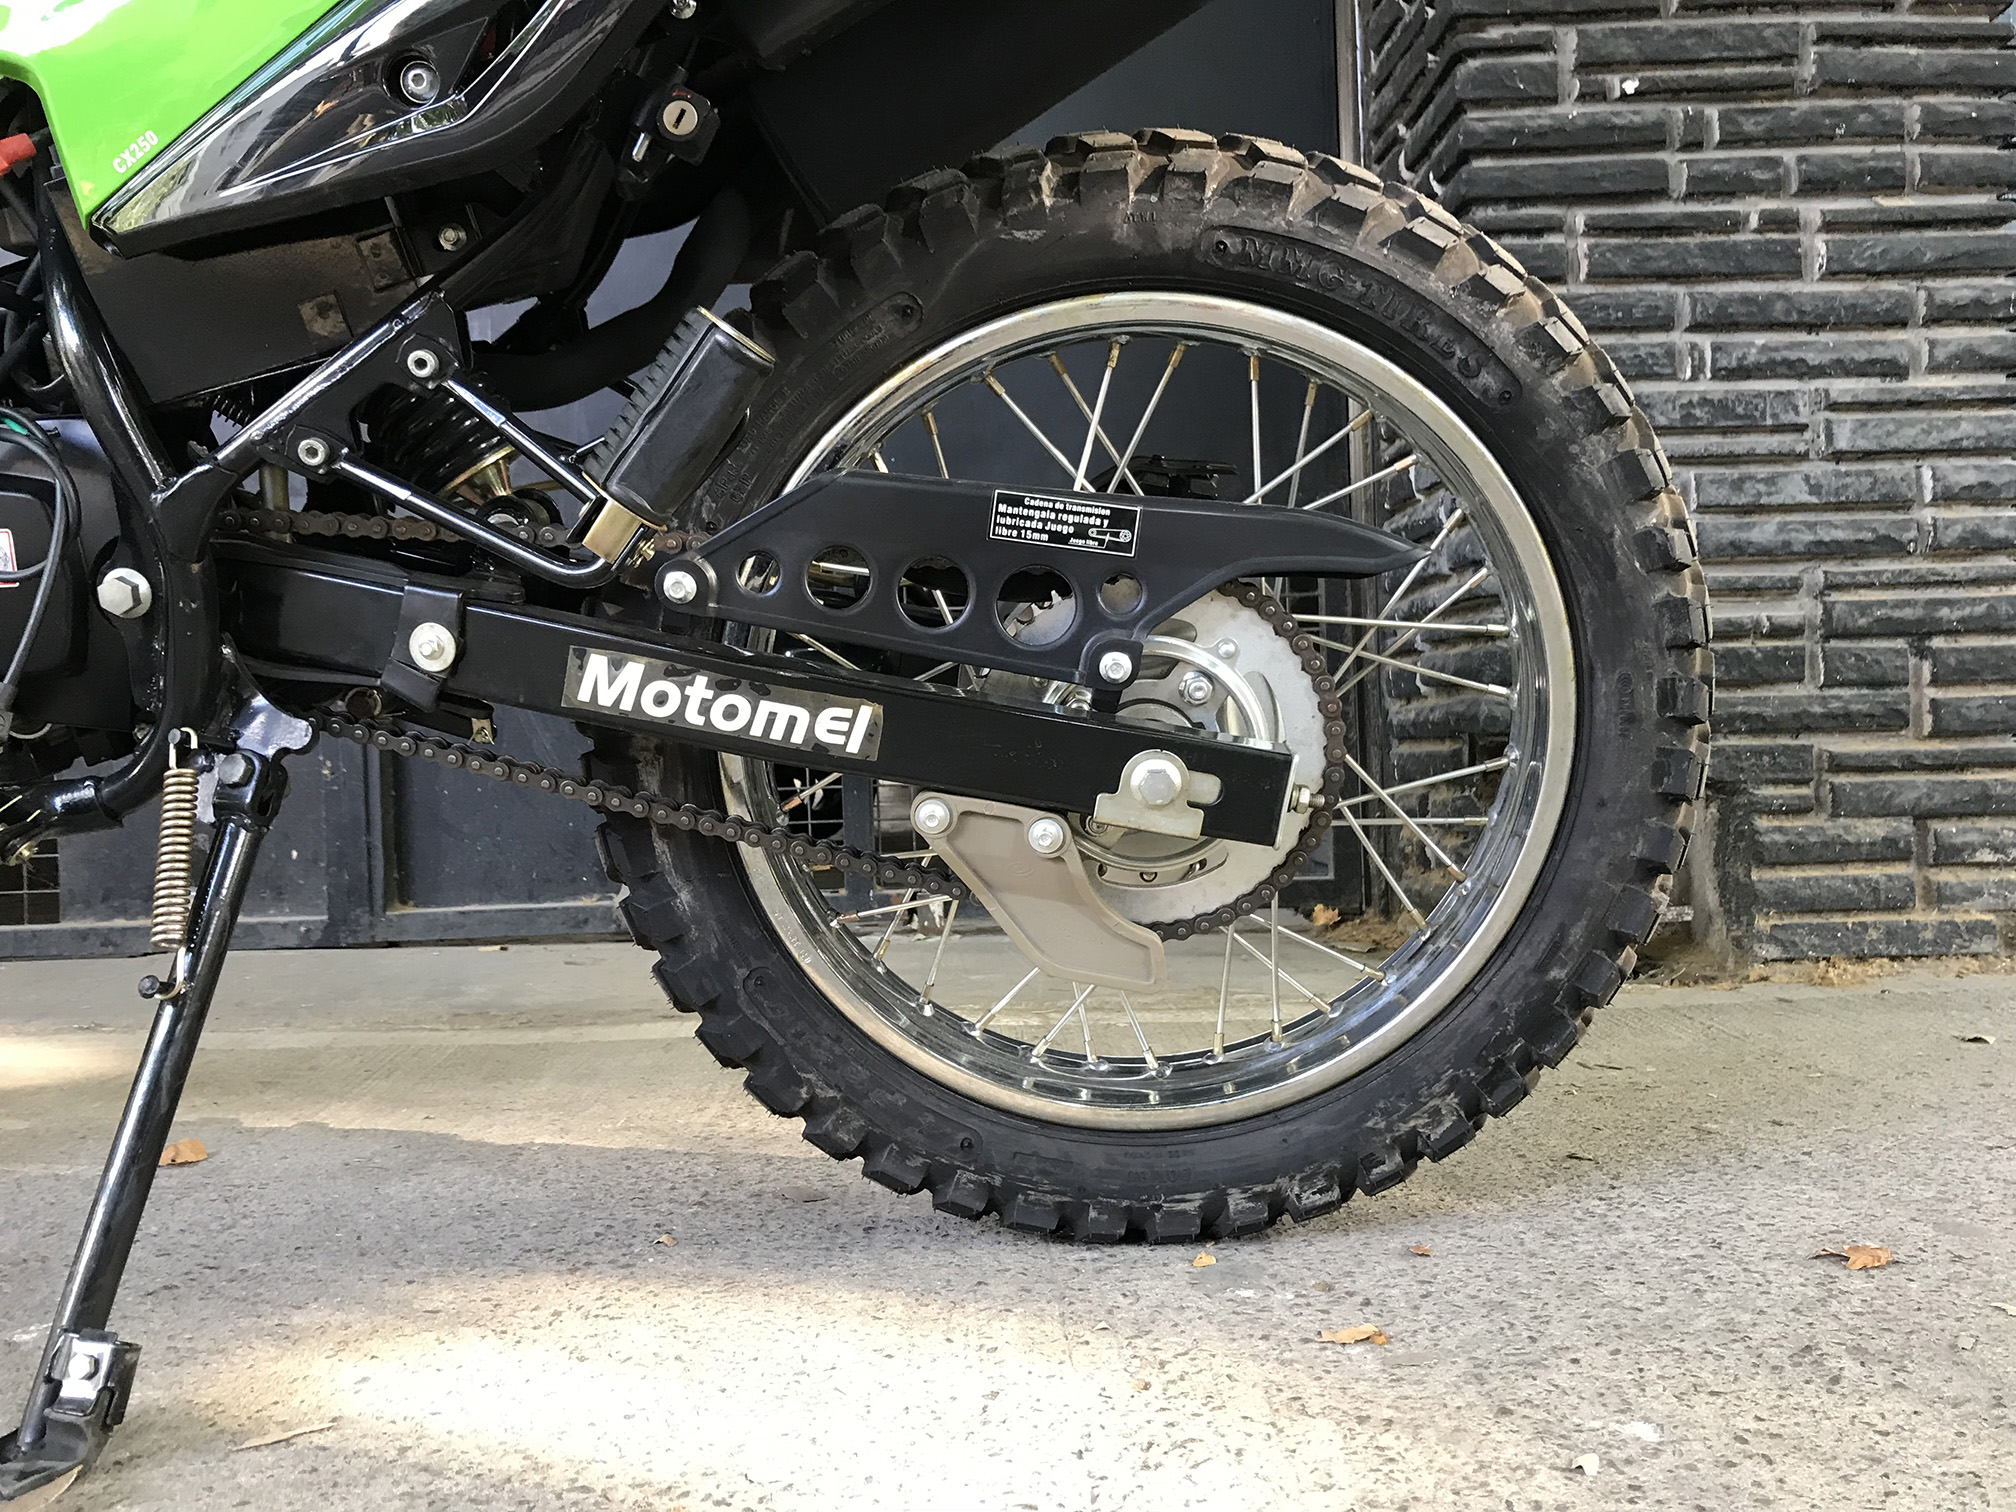 Moto Motomel skua 250 base linea 2014